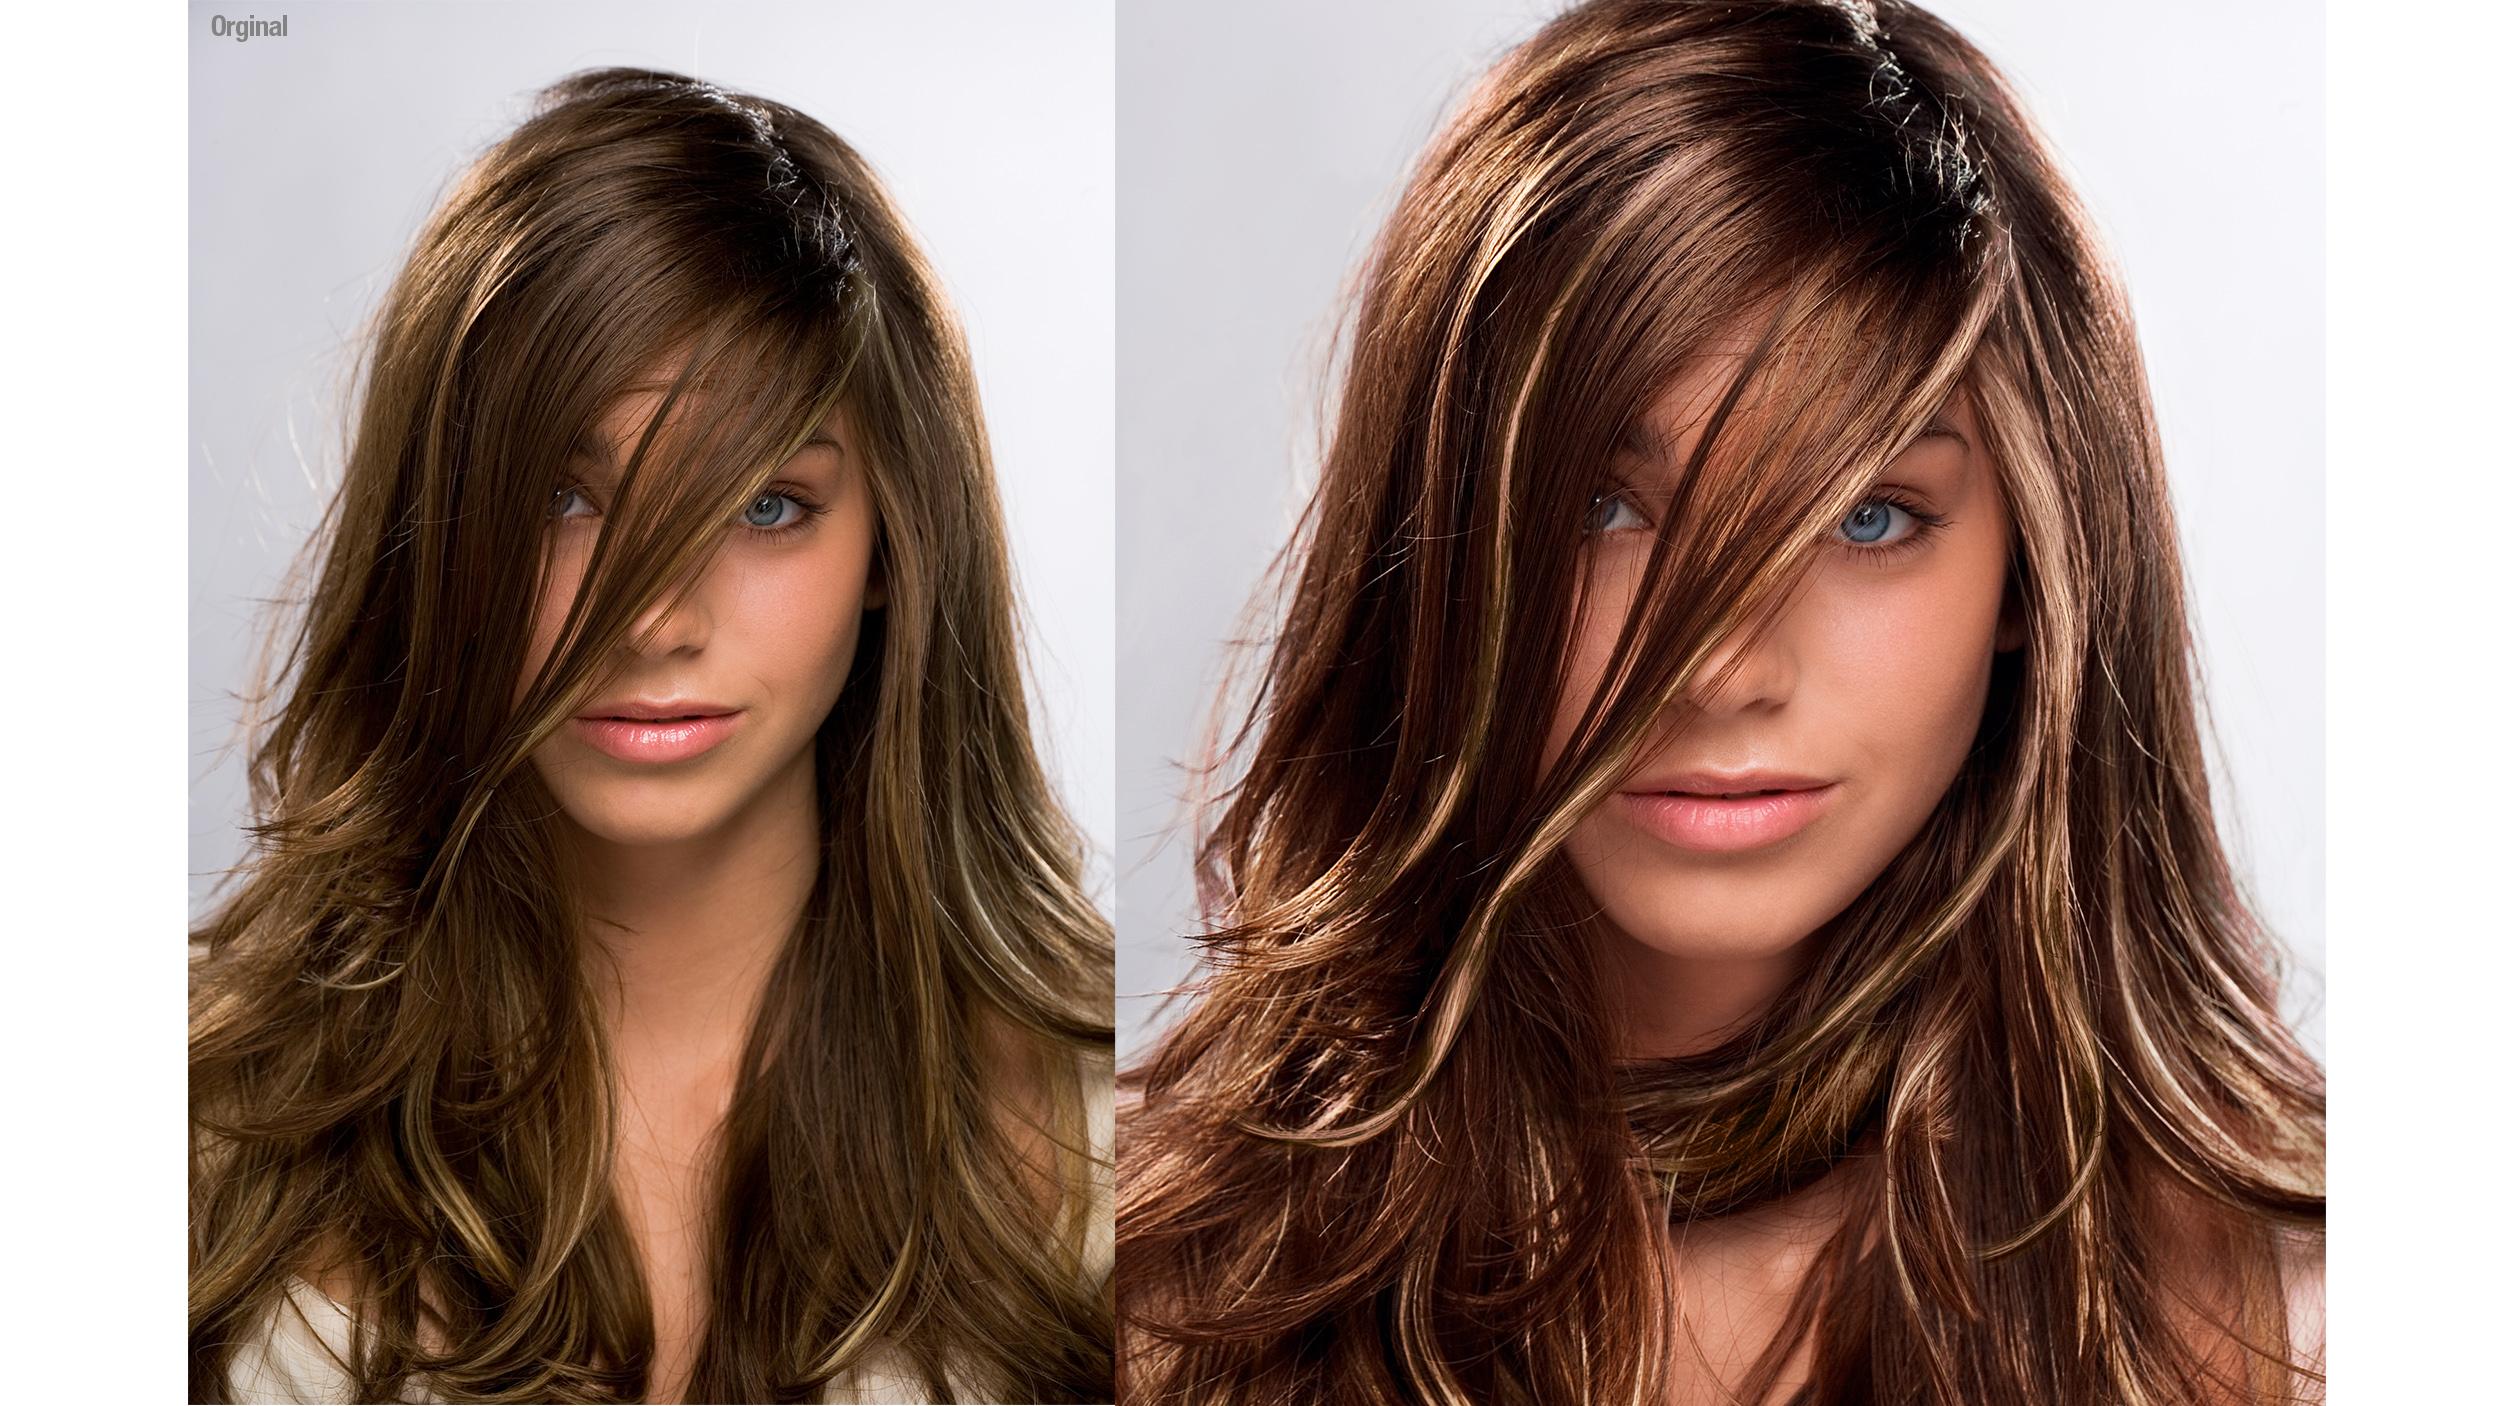 Hair-Creative-imageing-BigFishGraphicDesign.jpg